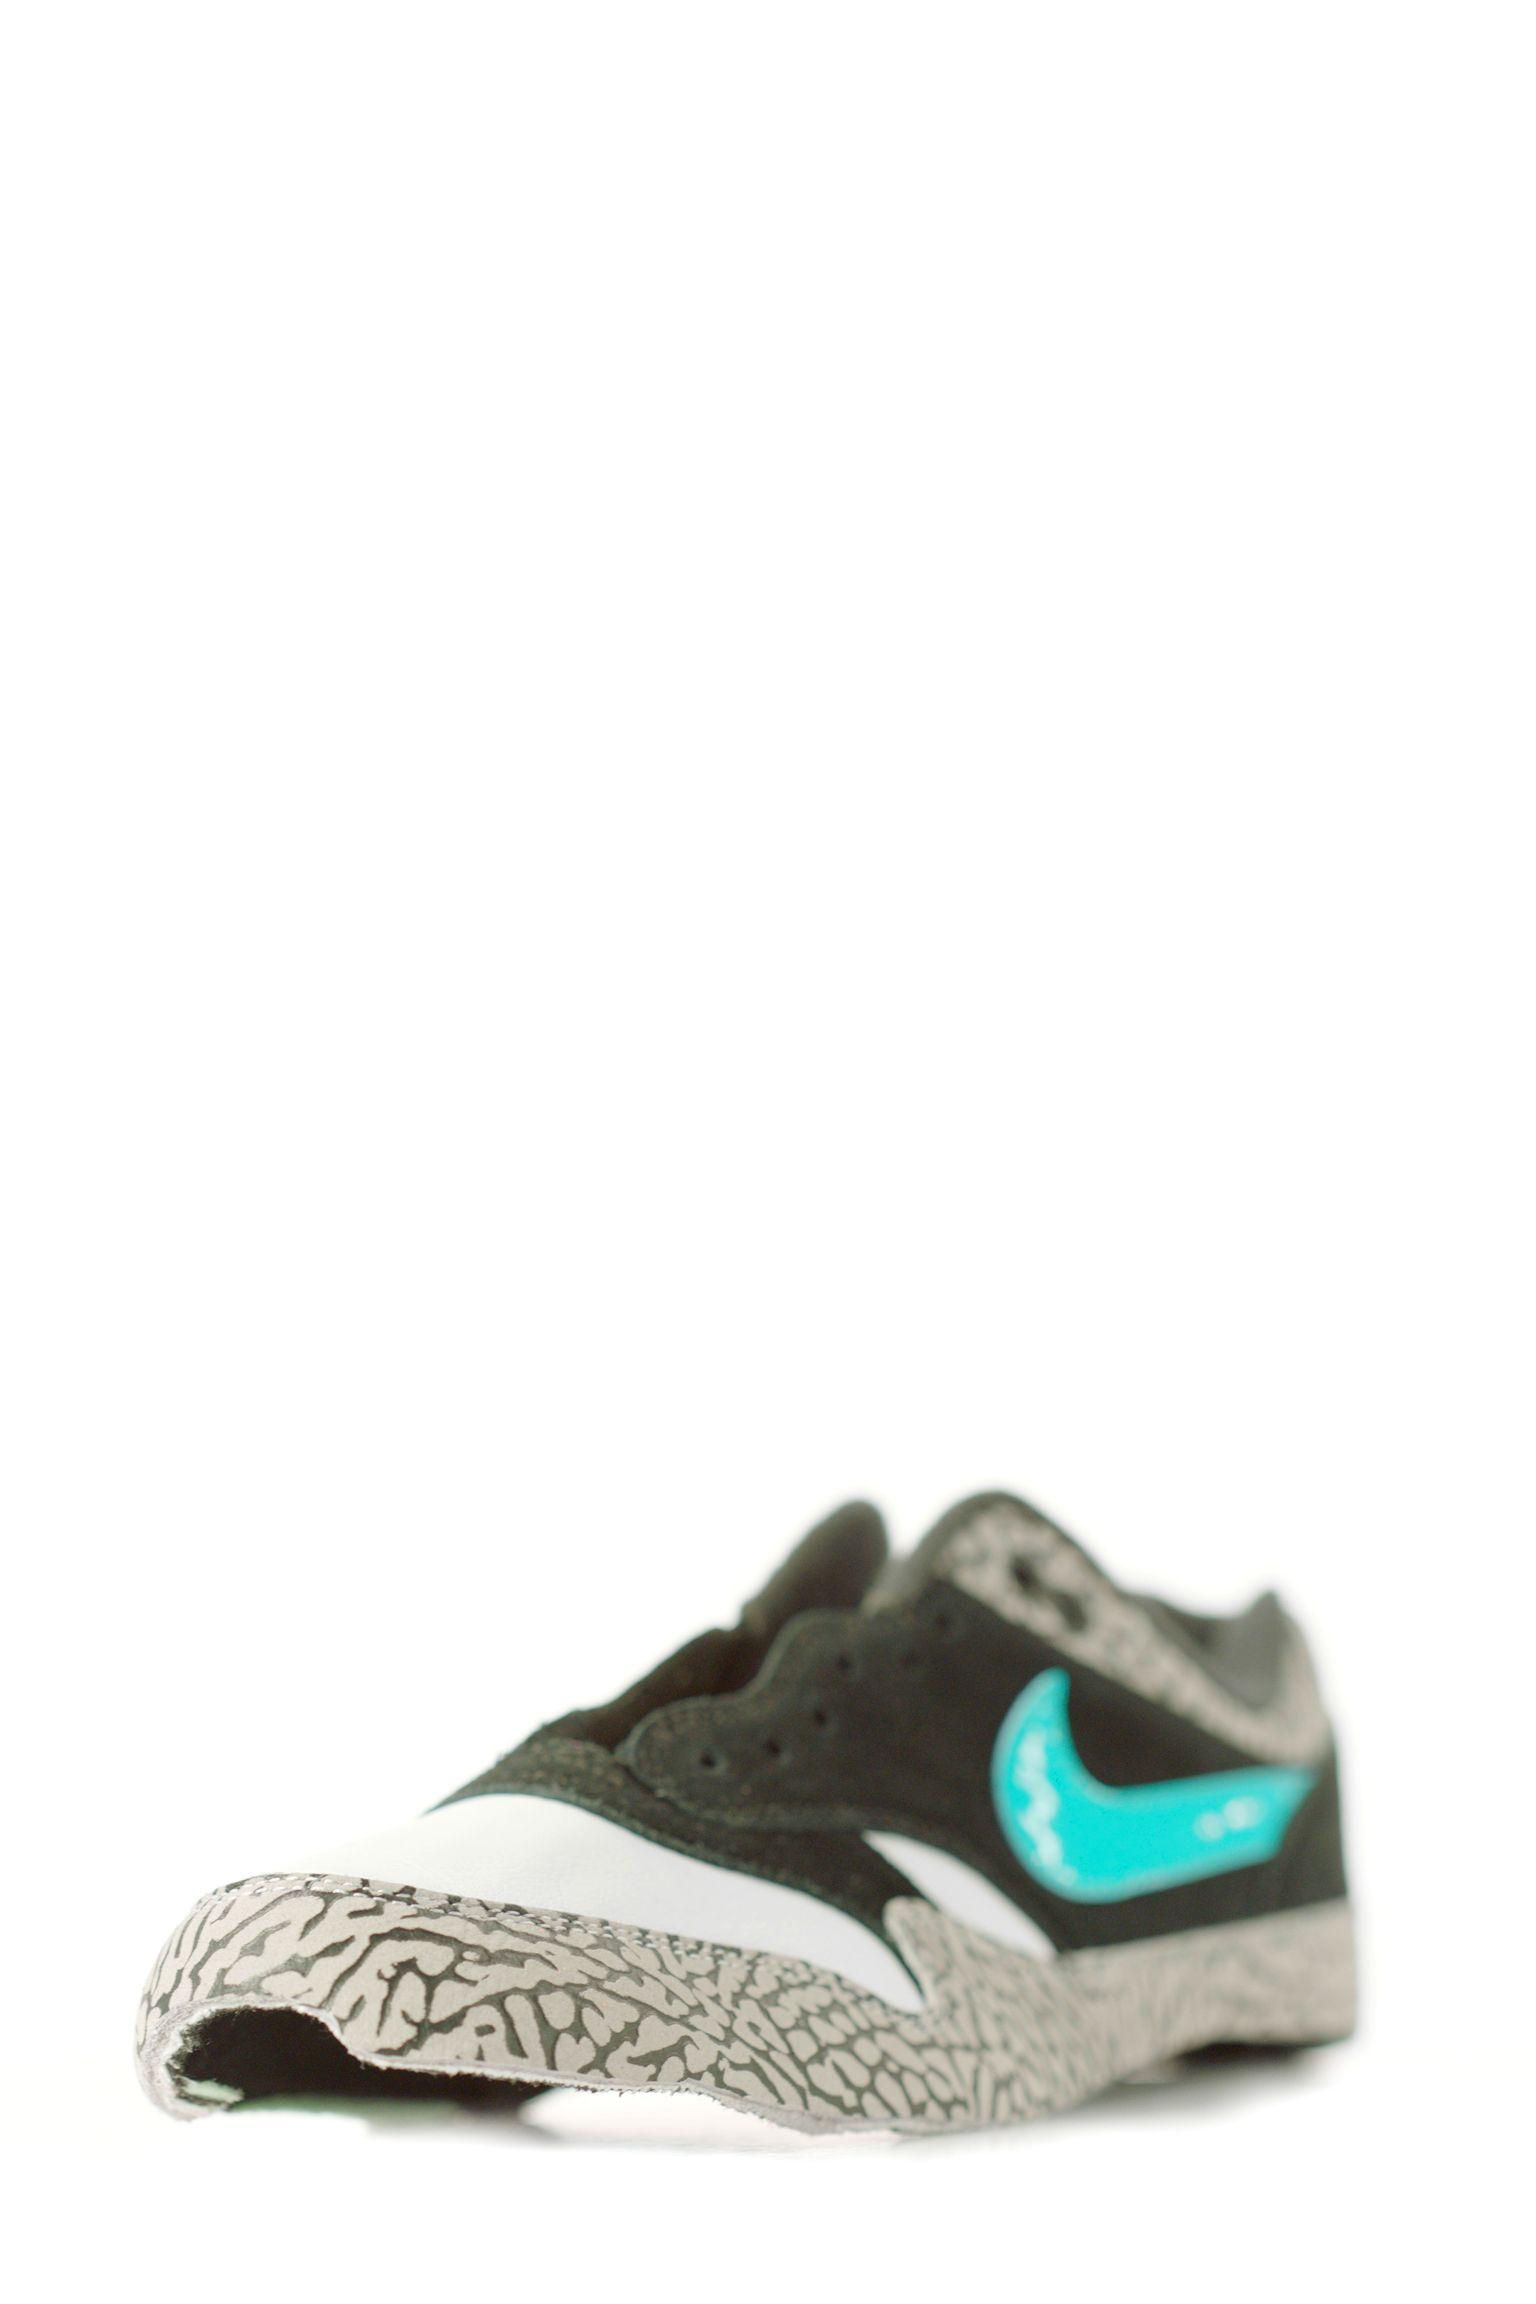 Retro Nike The 'atmos' Air Behind Design Max Nike 1 wYgqPSq